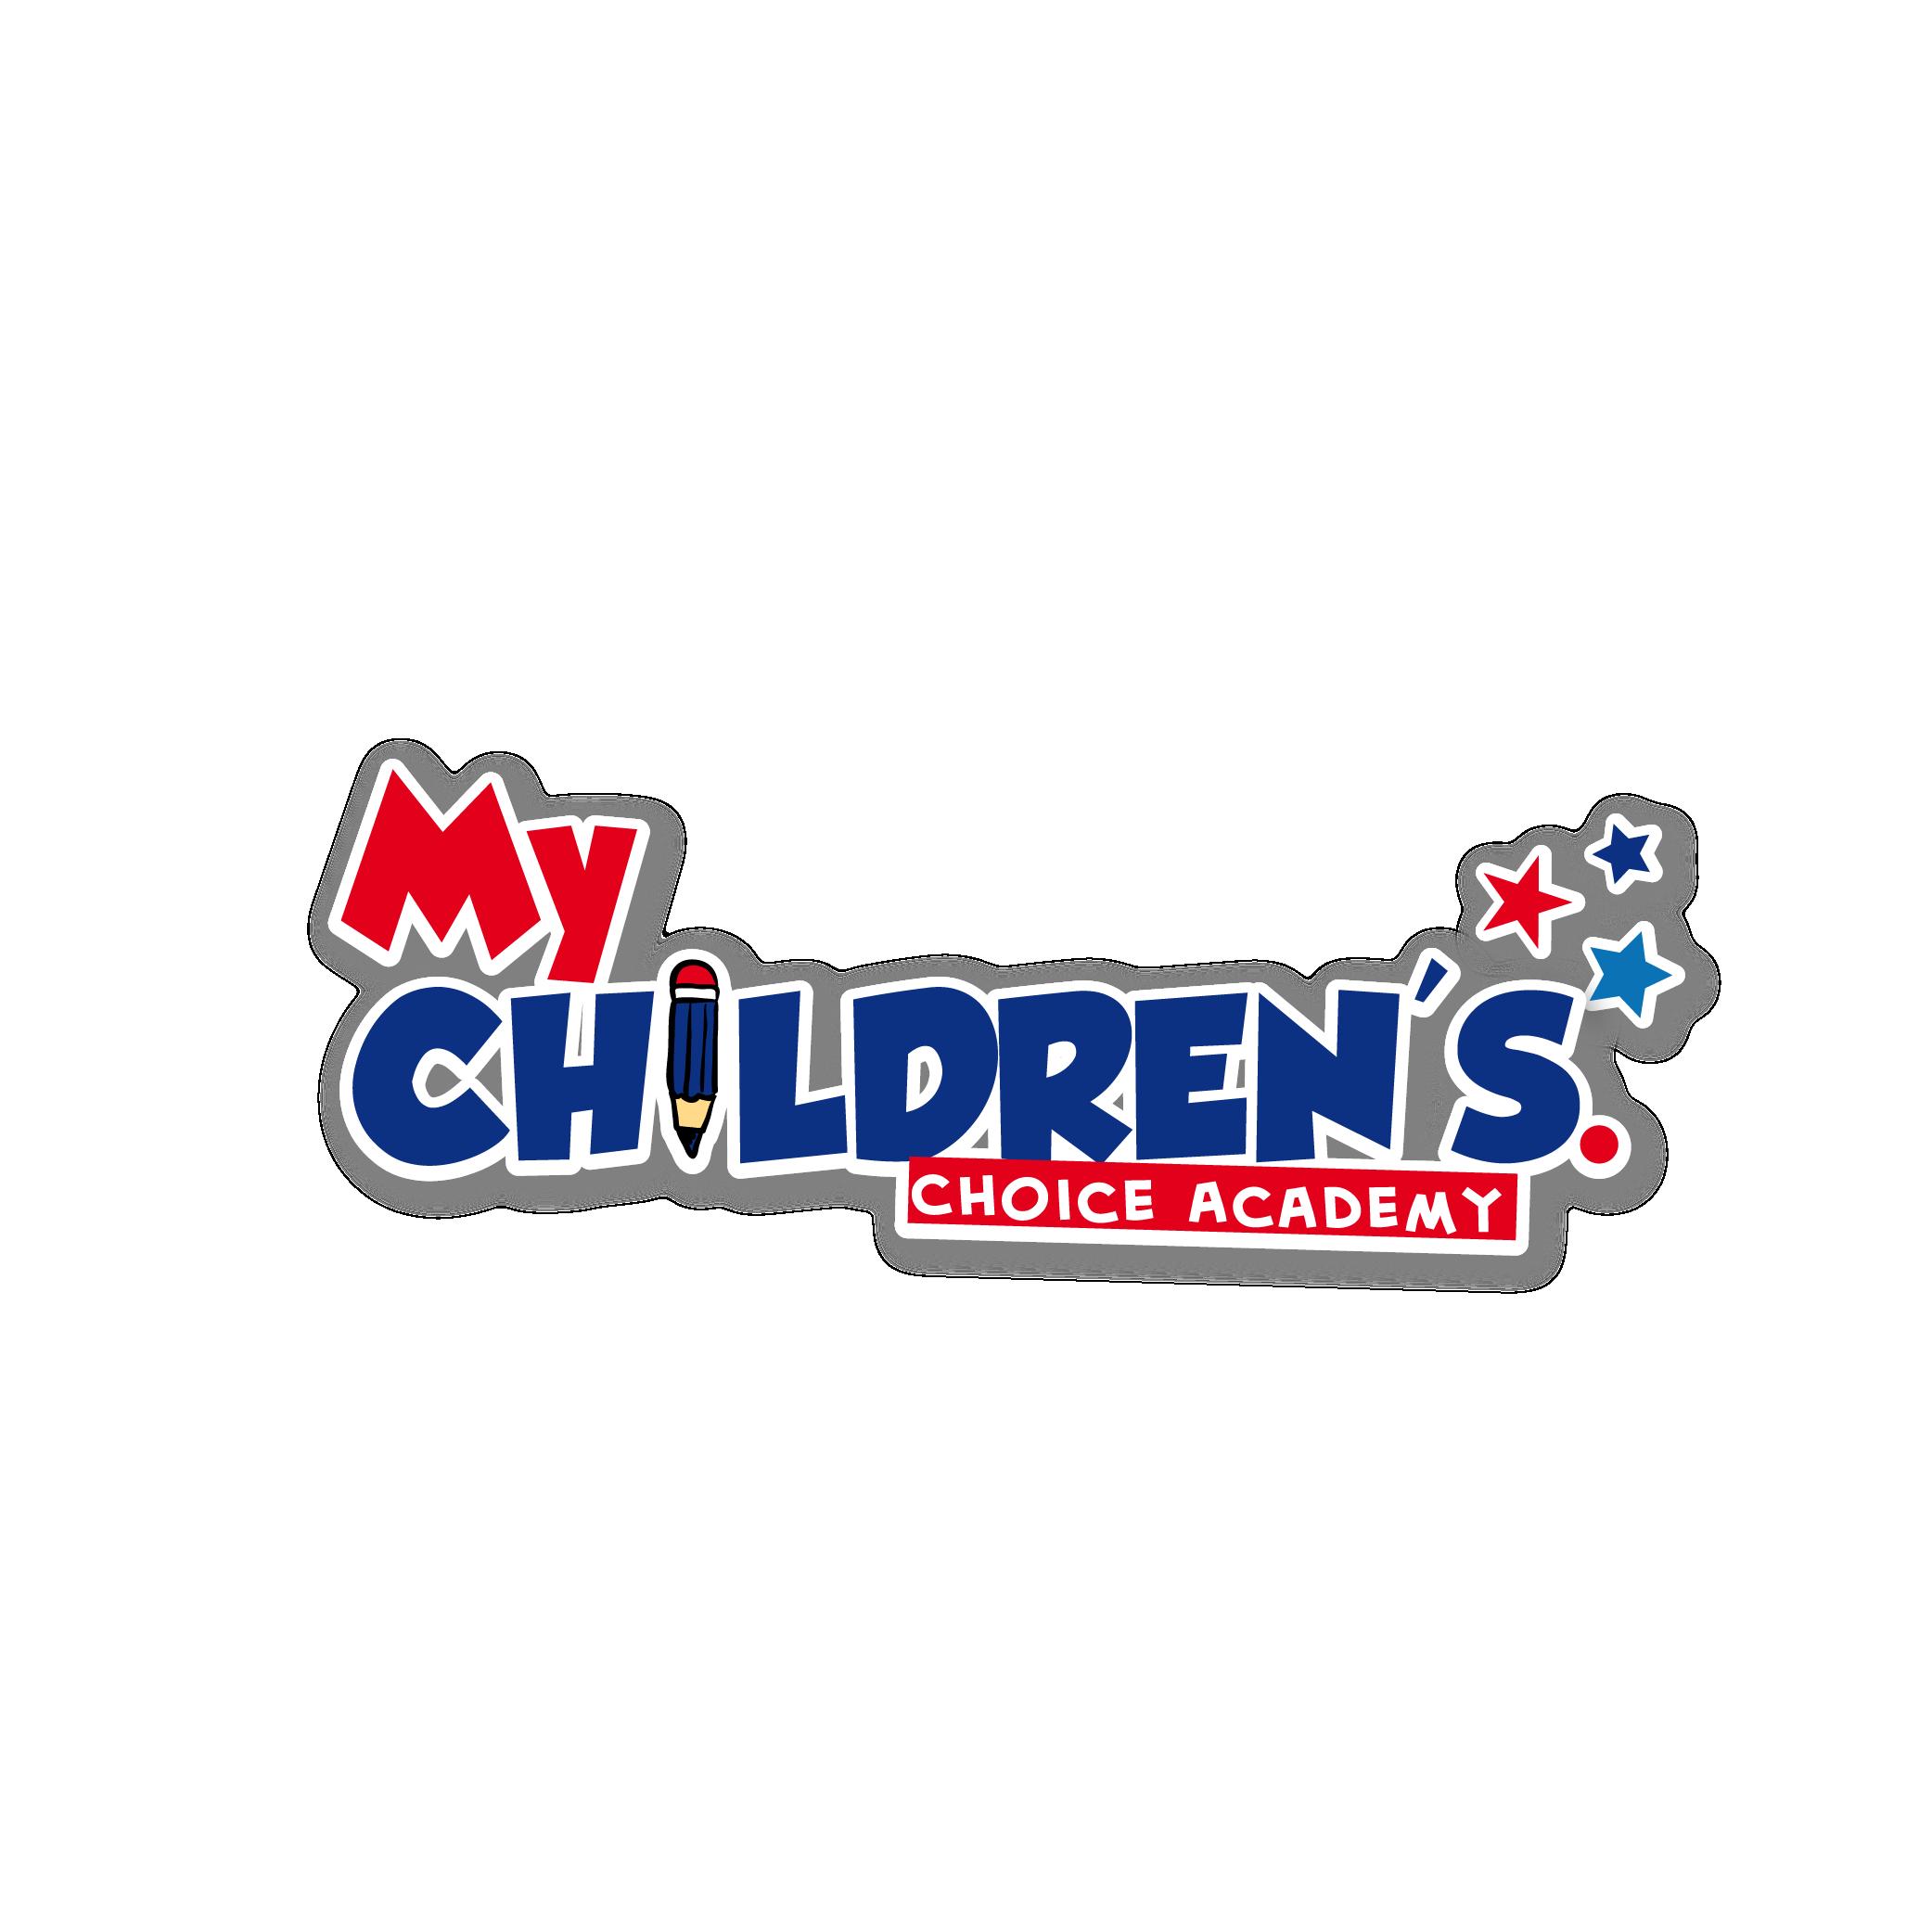 MyChildrensFINAL02